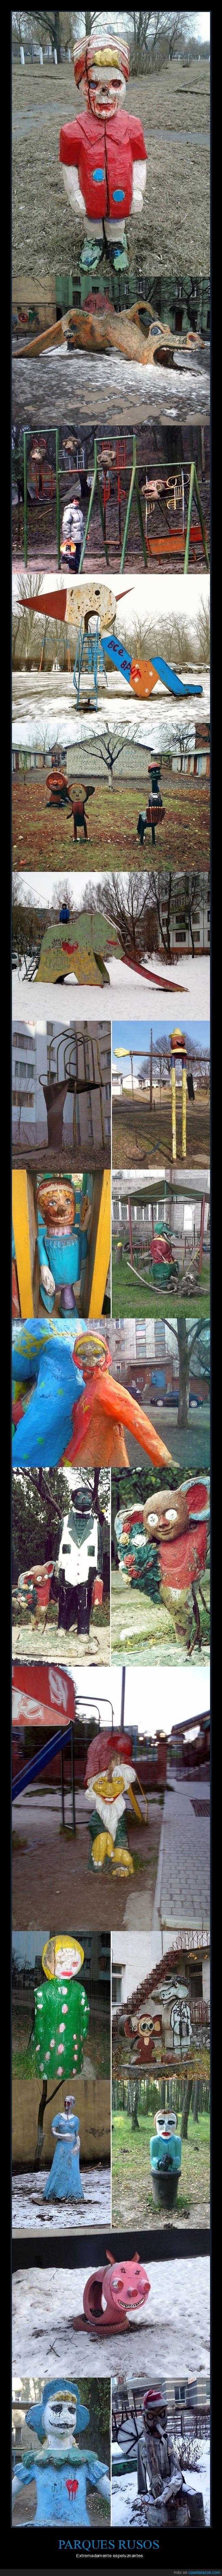 miedo,parques,rusos,wtf